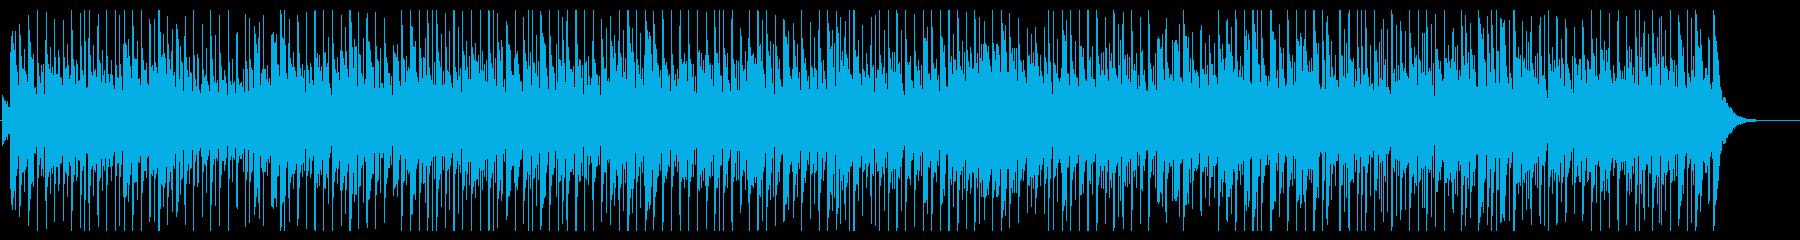 荒野を彷徨うかのような雰囲気のBGMの再生済みの波形